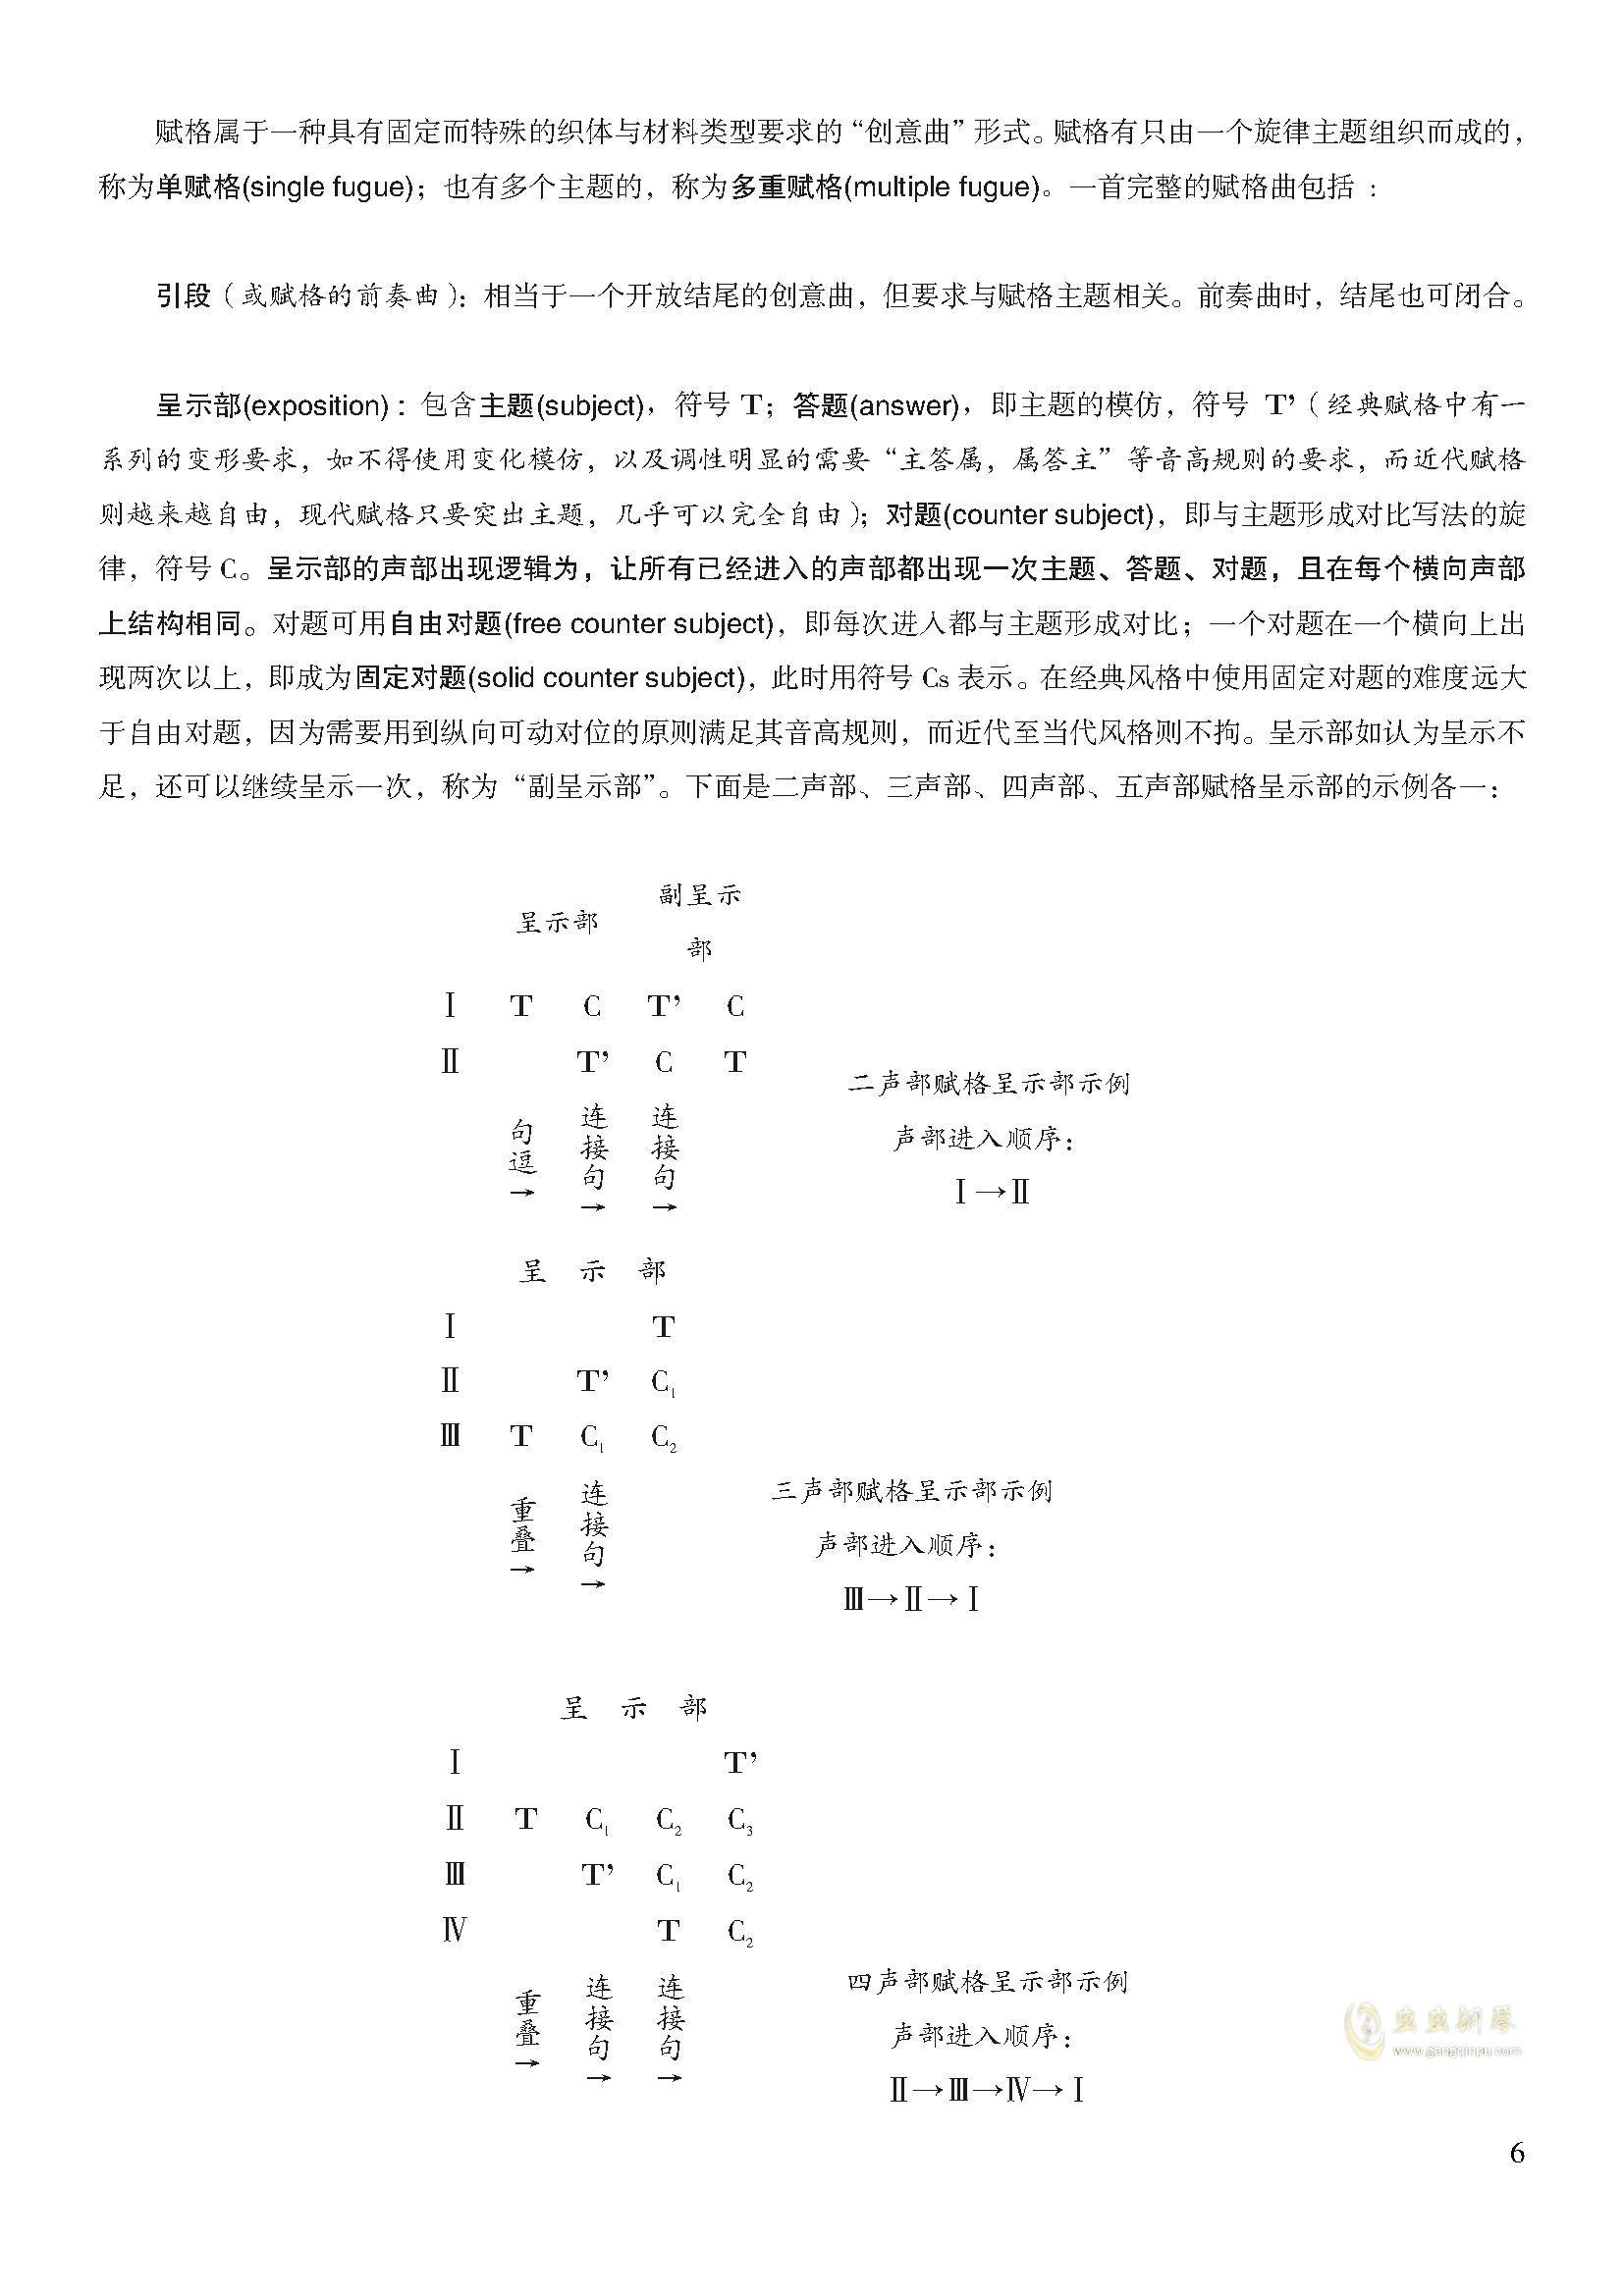 多声部音乐技法全总结钢琴谱 第6页